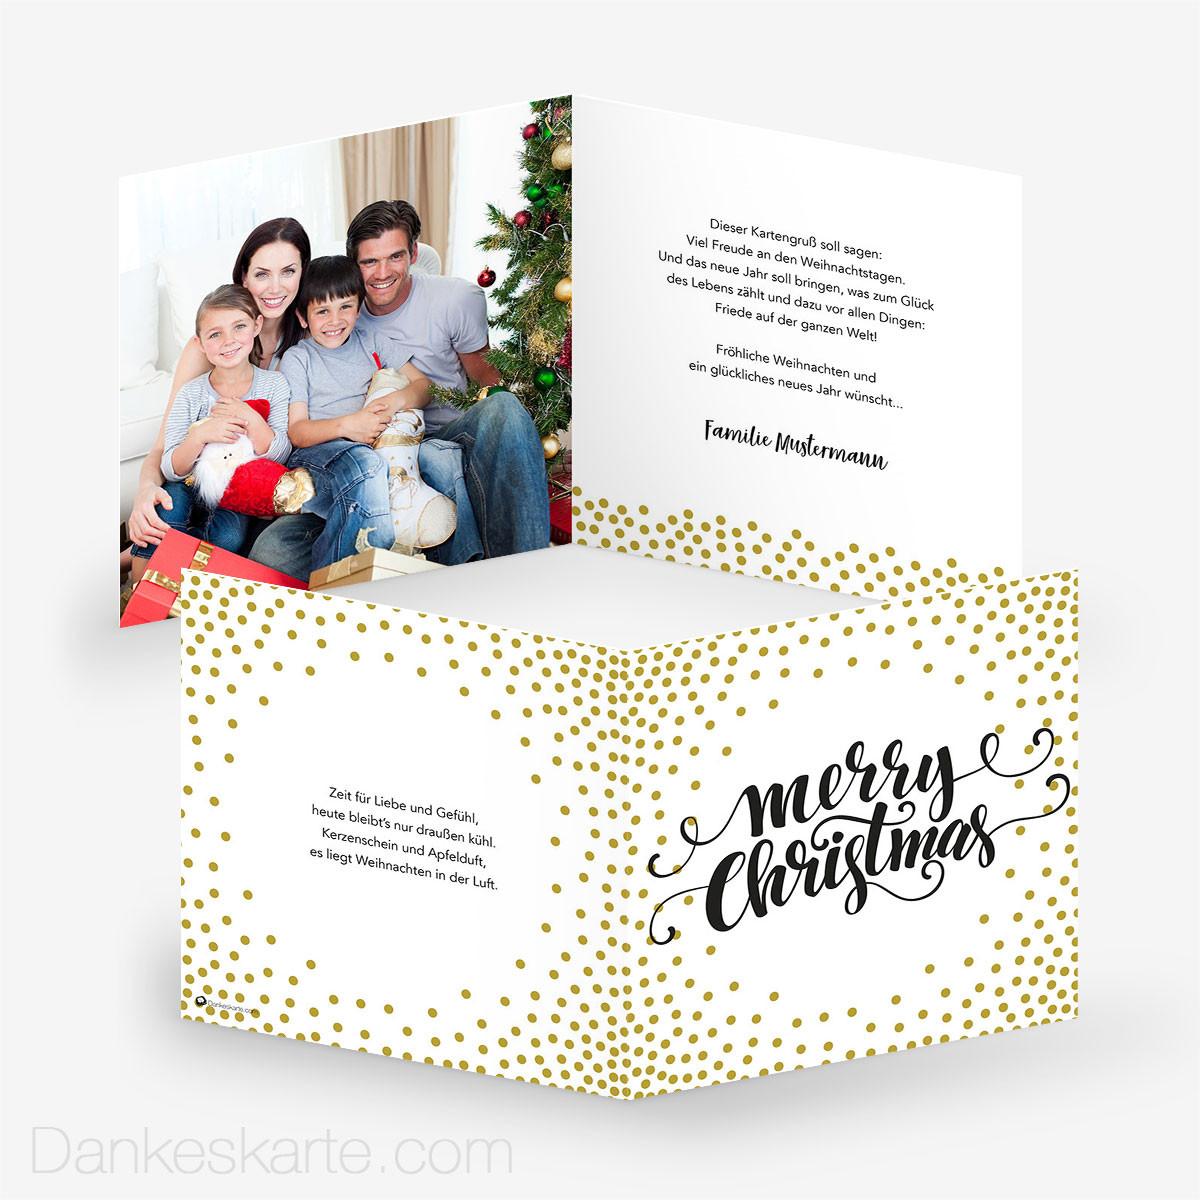 Ziemlich Weihnachtskarten Publisher Vorlage Ideen - Entry Level ...